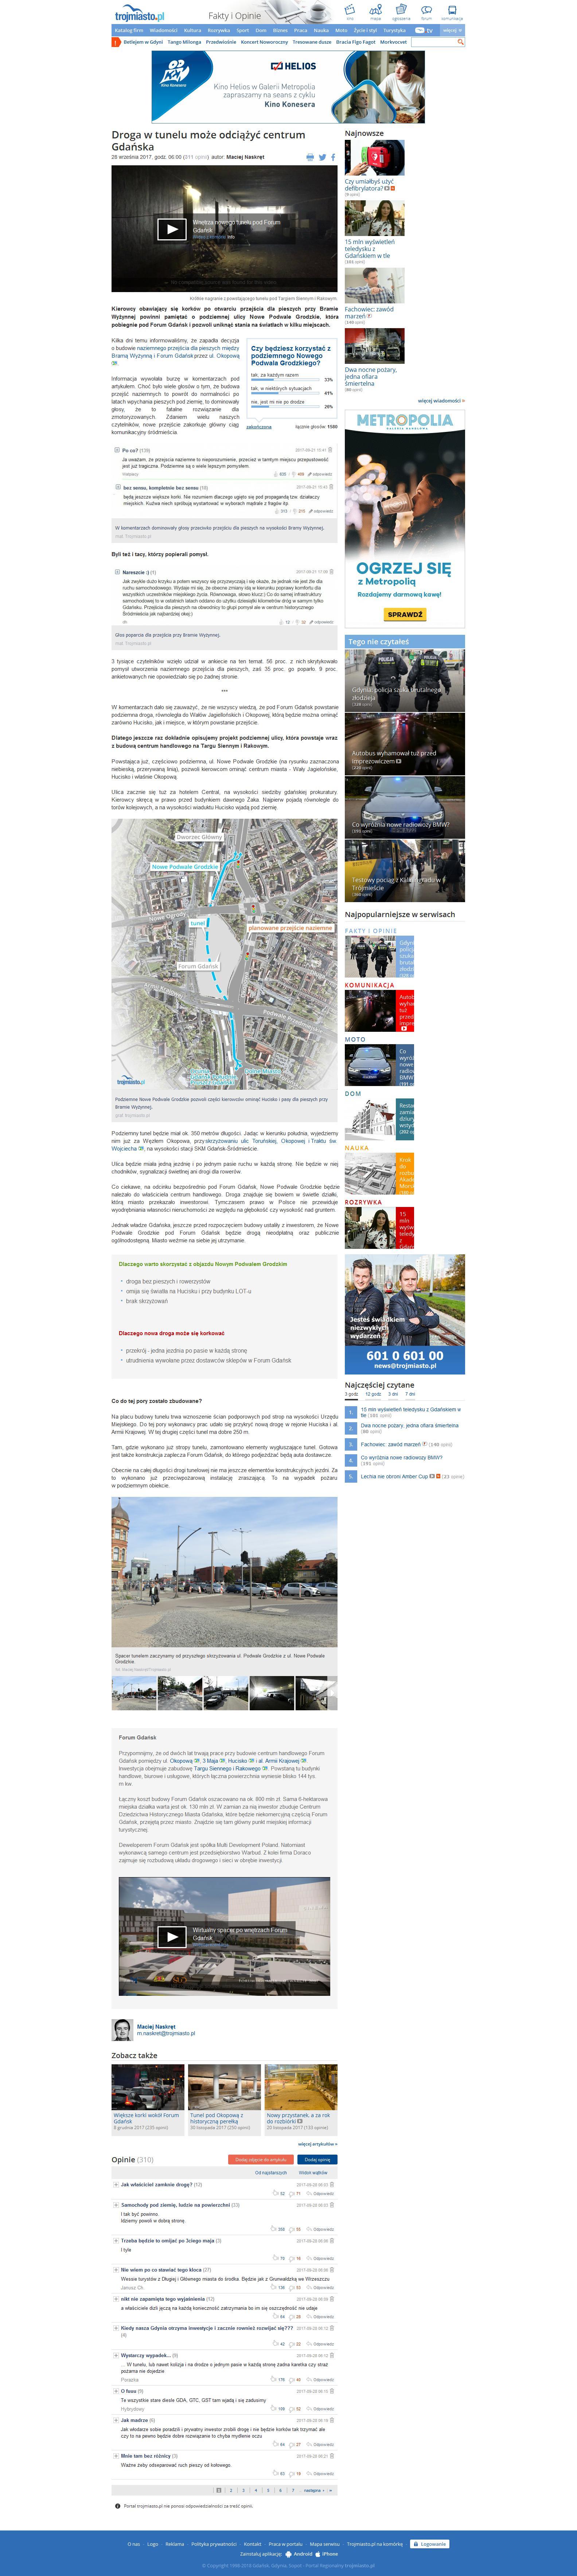 0c92d36049199e https://www.trojmiasto.pl/wiadomosci/Droga-w-tunelu-odciazy-centrum-Gdanska-n116848.html